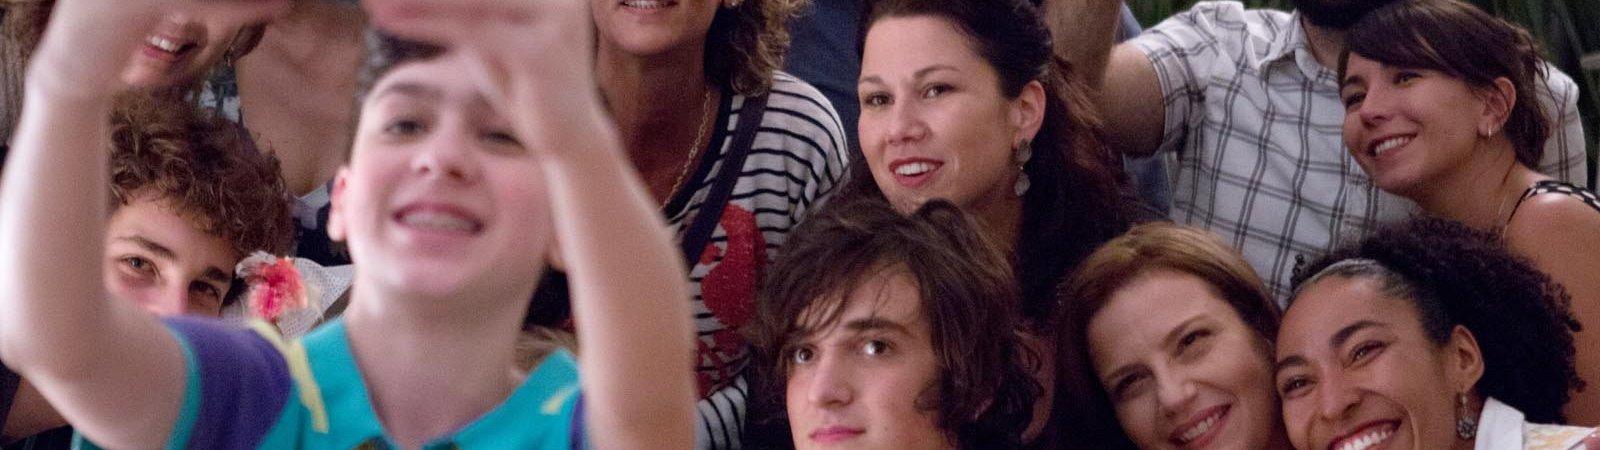 Photo du film : D'une famille à l'autre